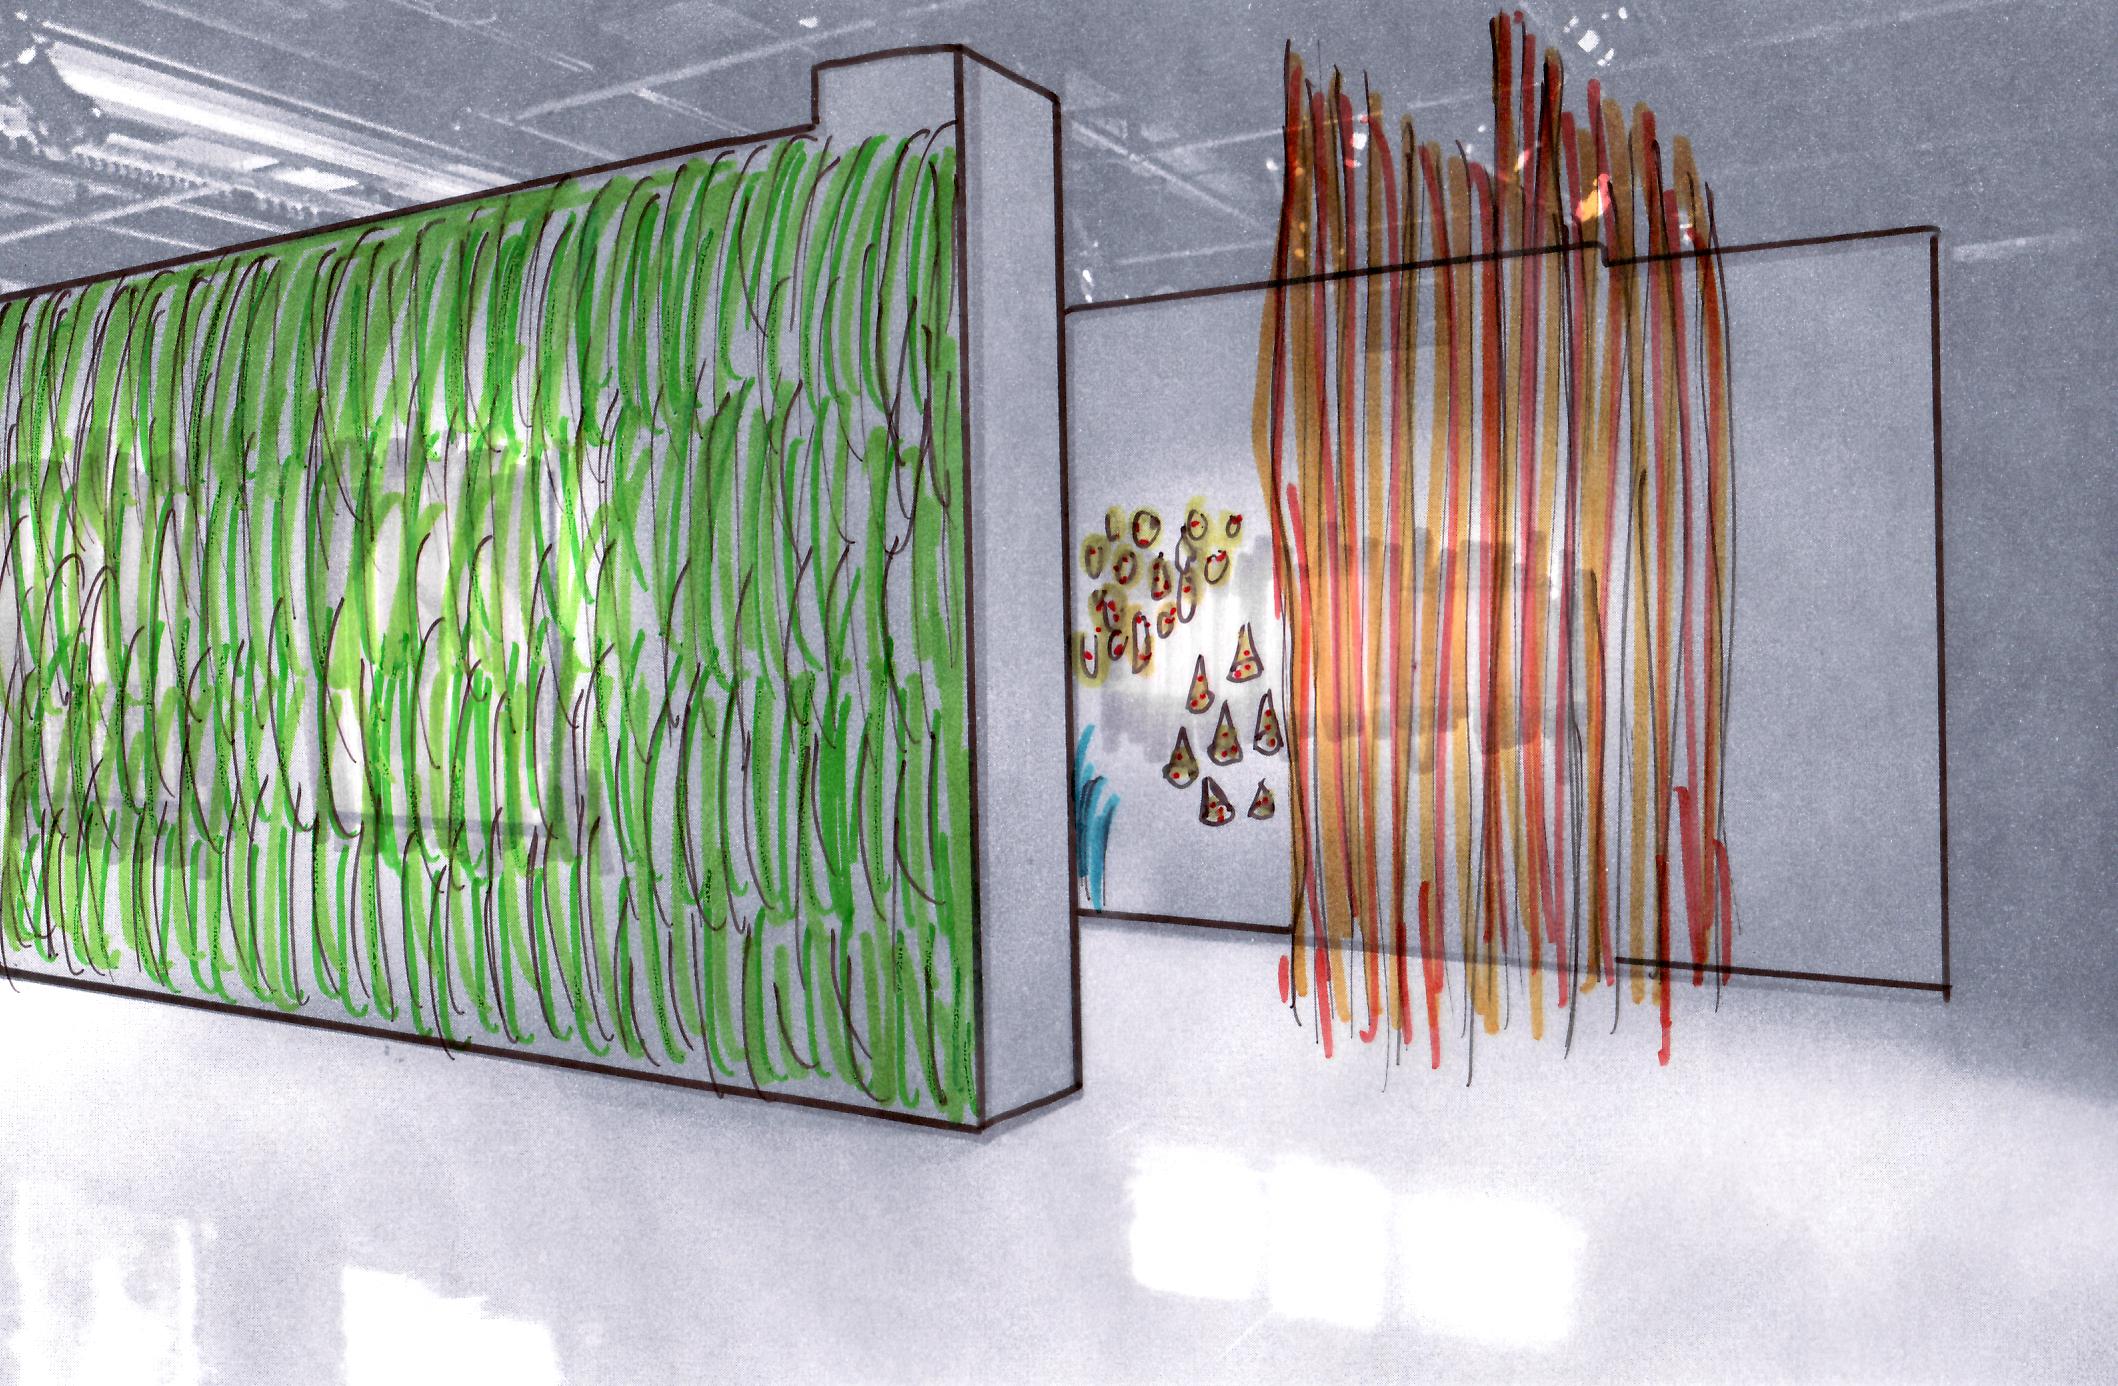 Mur végétal en papier :esquisse préparatoire pour l'exposition à la Maison de la culture   Ahuntsic à l'automne 2017